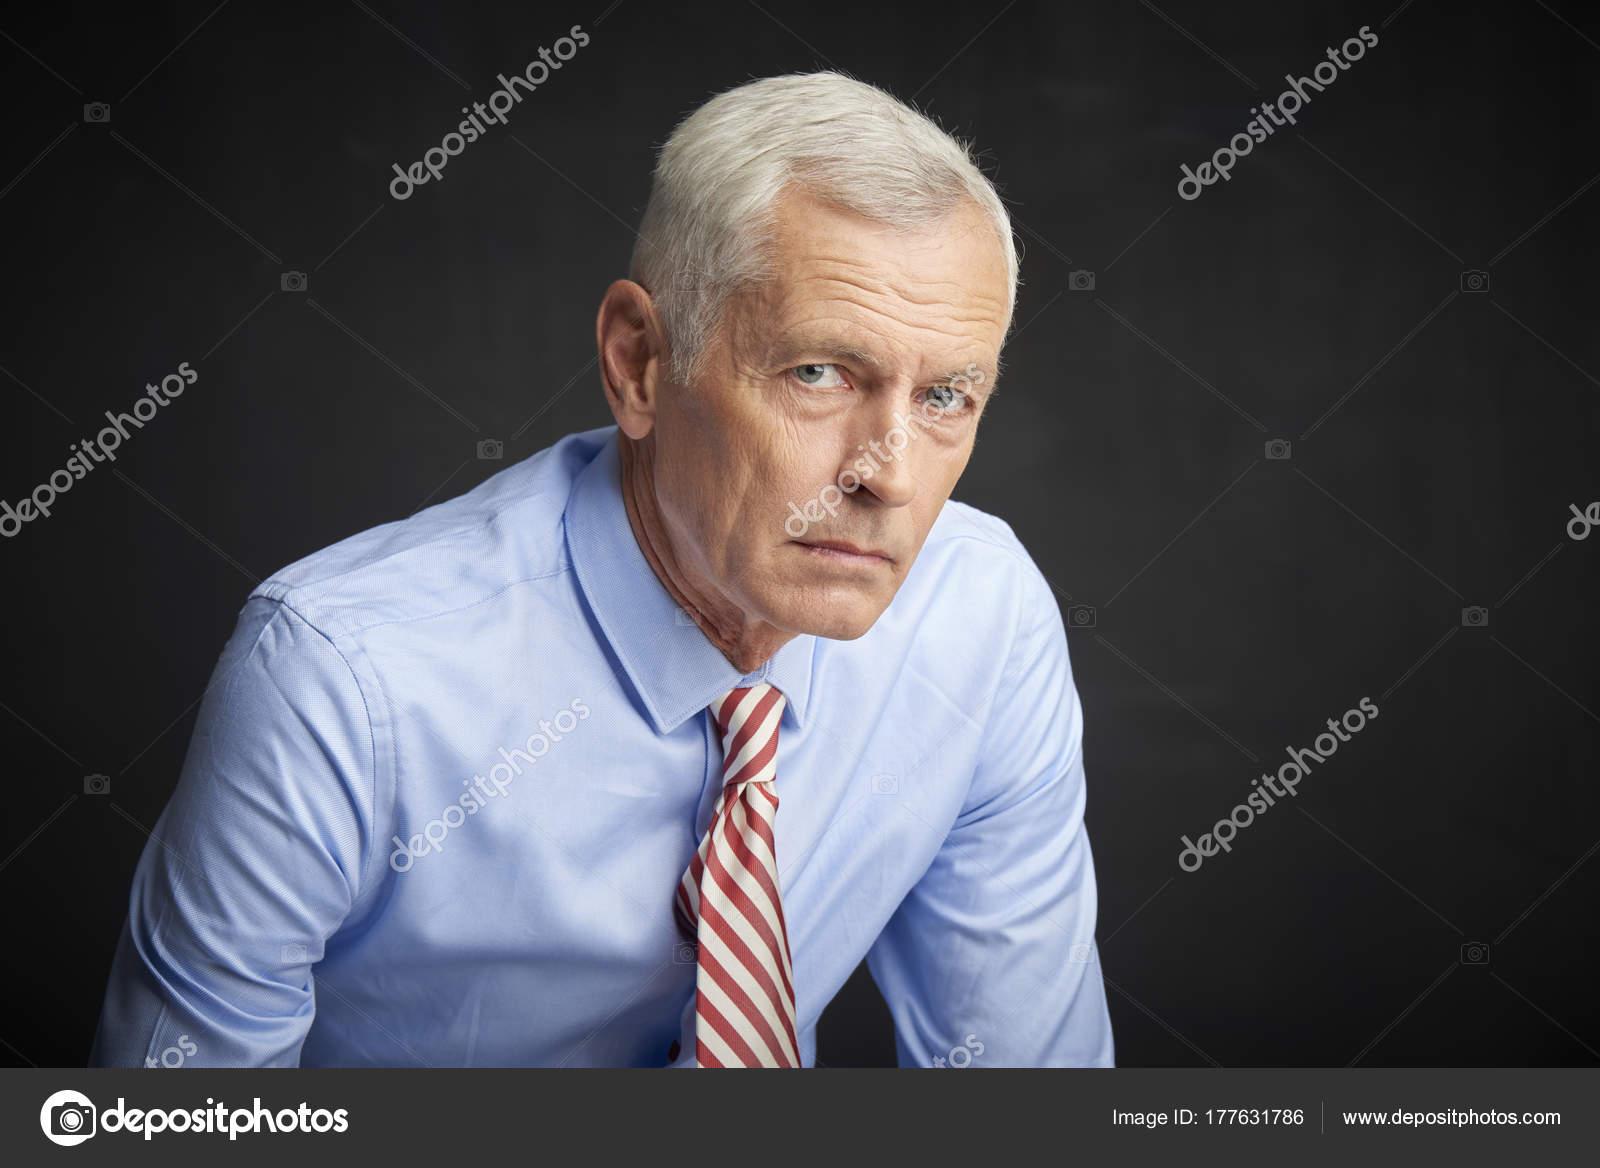 Homem Sênior Aflito Camisa Gravata Olhando Para Câmera Antes Parede —  Fotografia de Stock 5348026a868